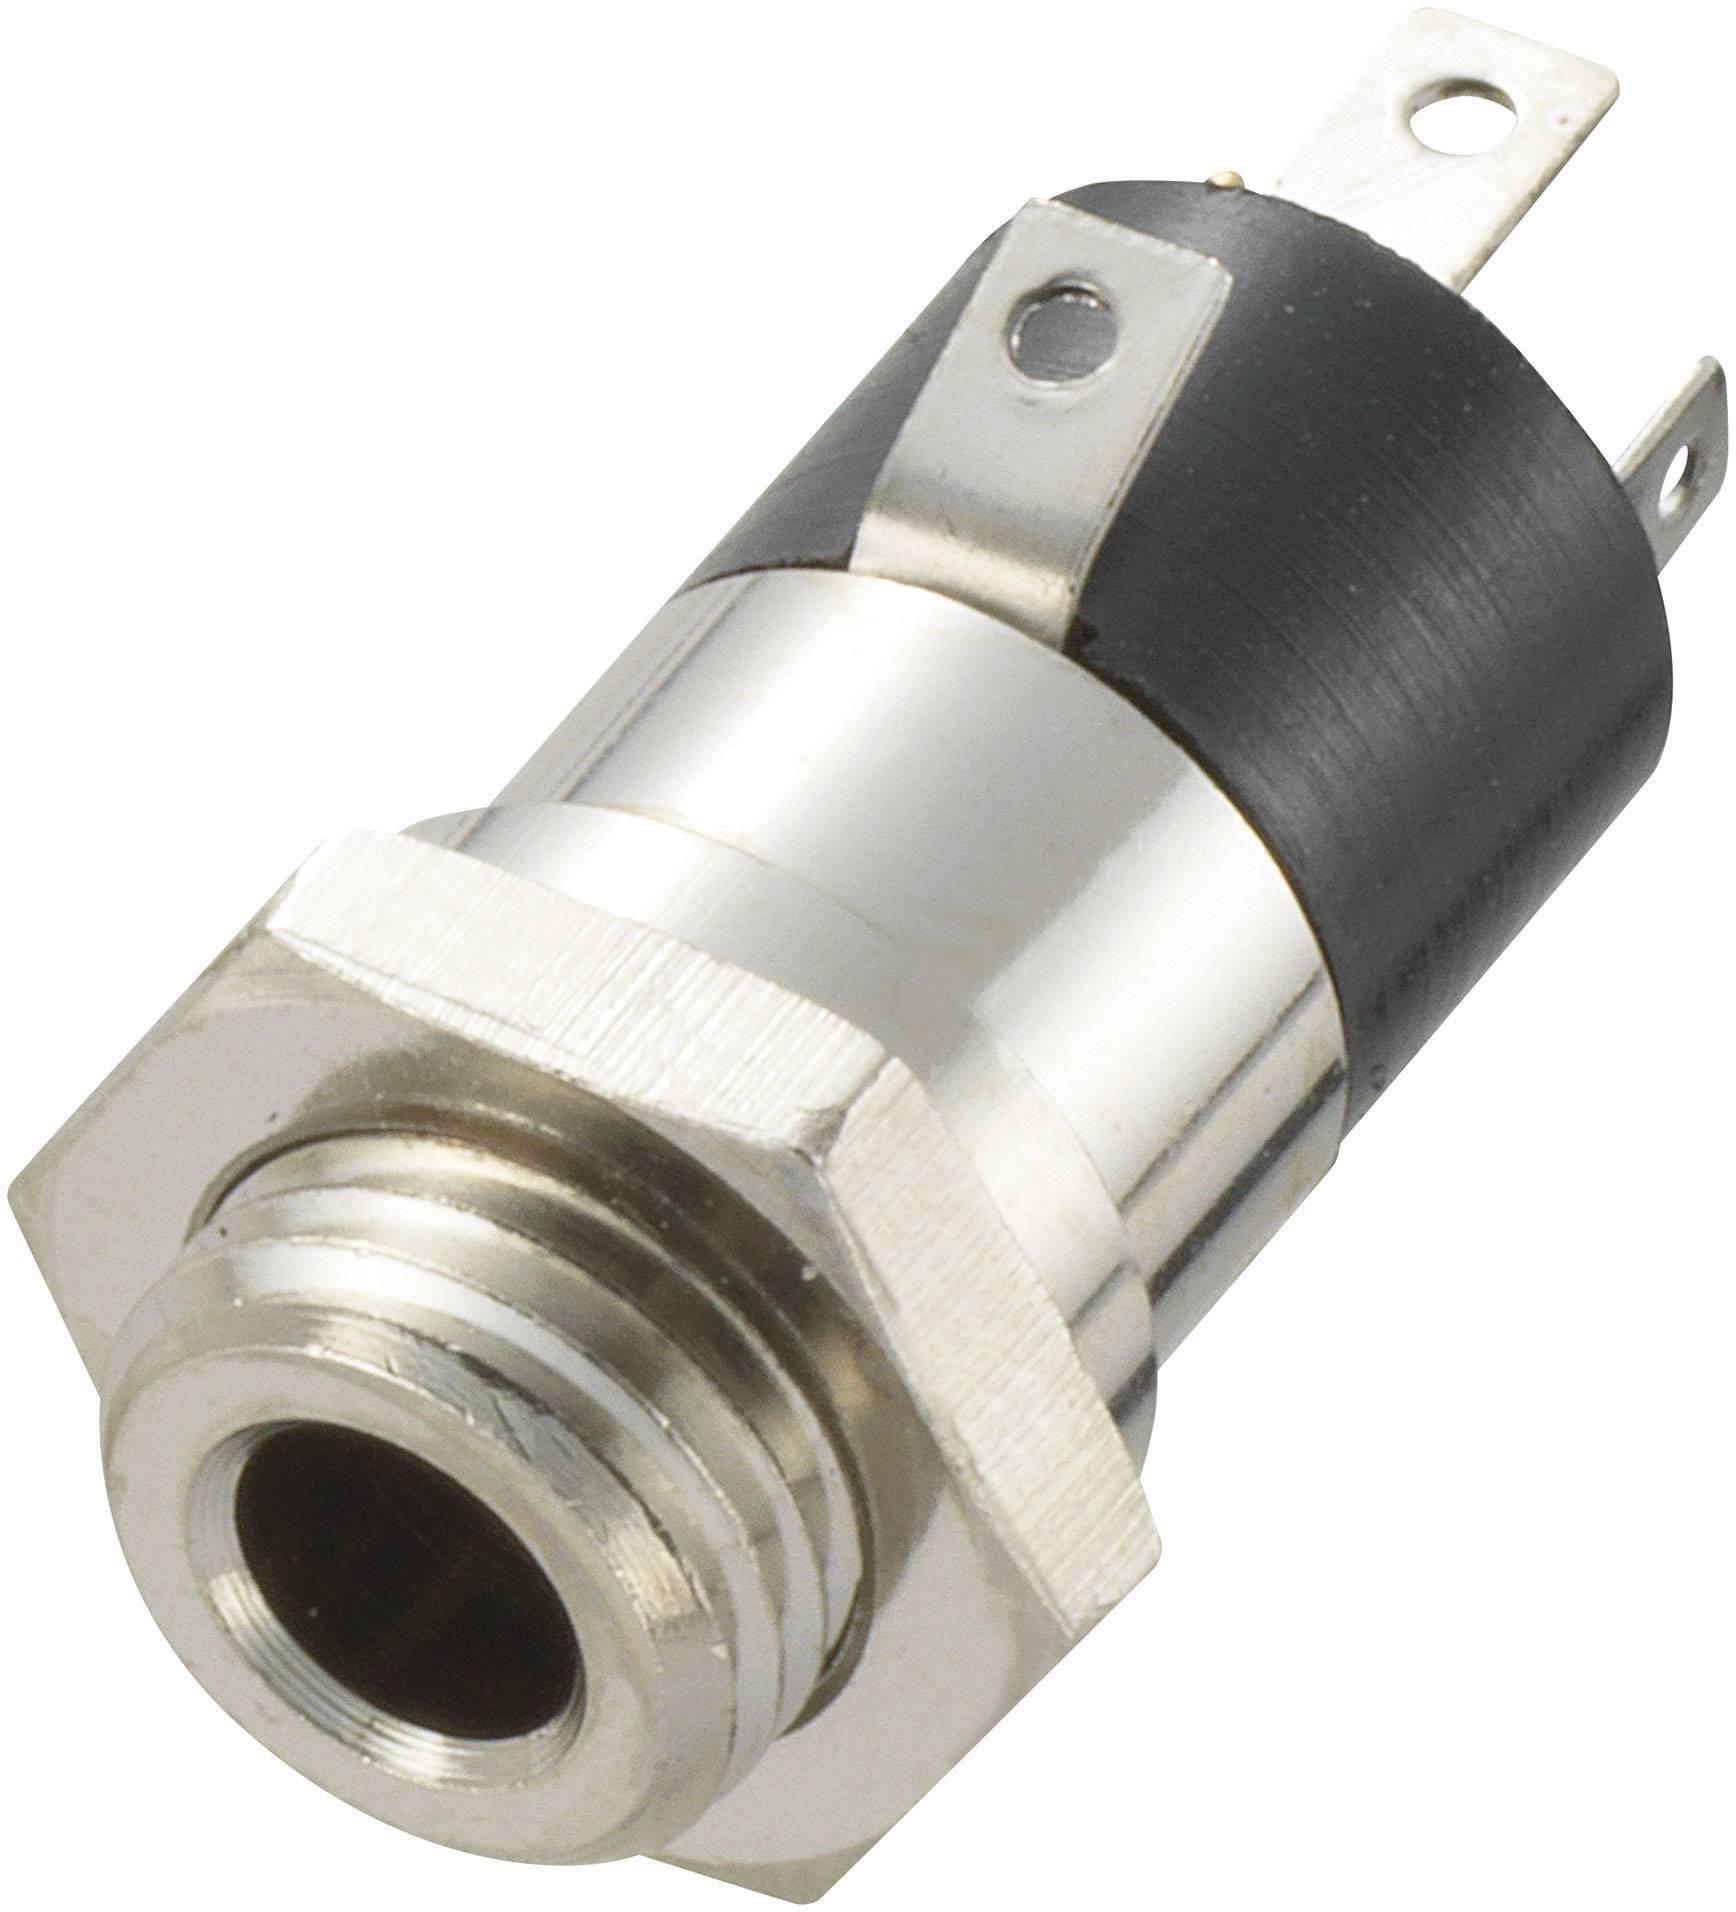 Jack konektor 3.5 mm TRU COMPONENTS 718612 zásuvka, vestavná vertikální stereo, pólů 4, 1 ks